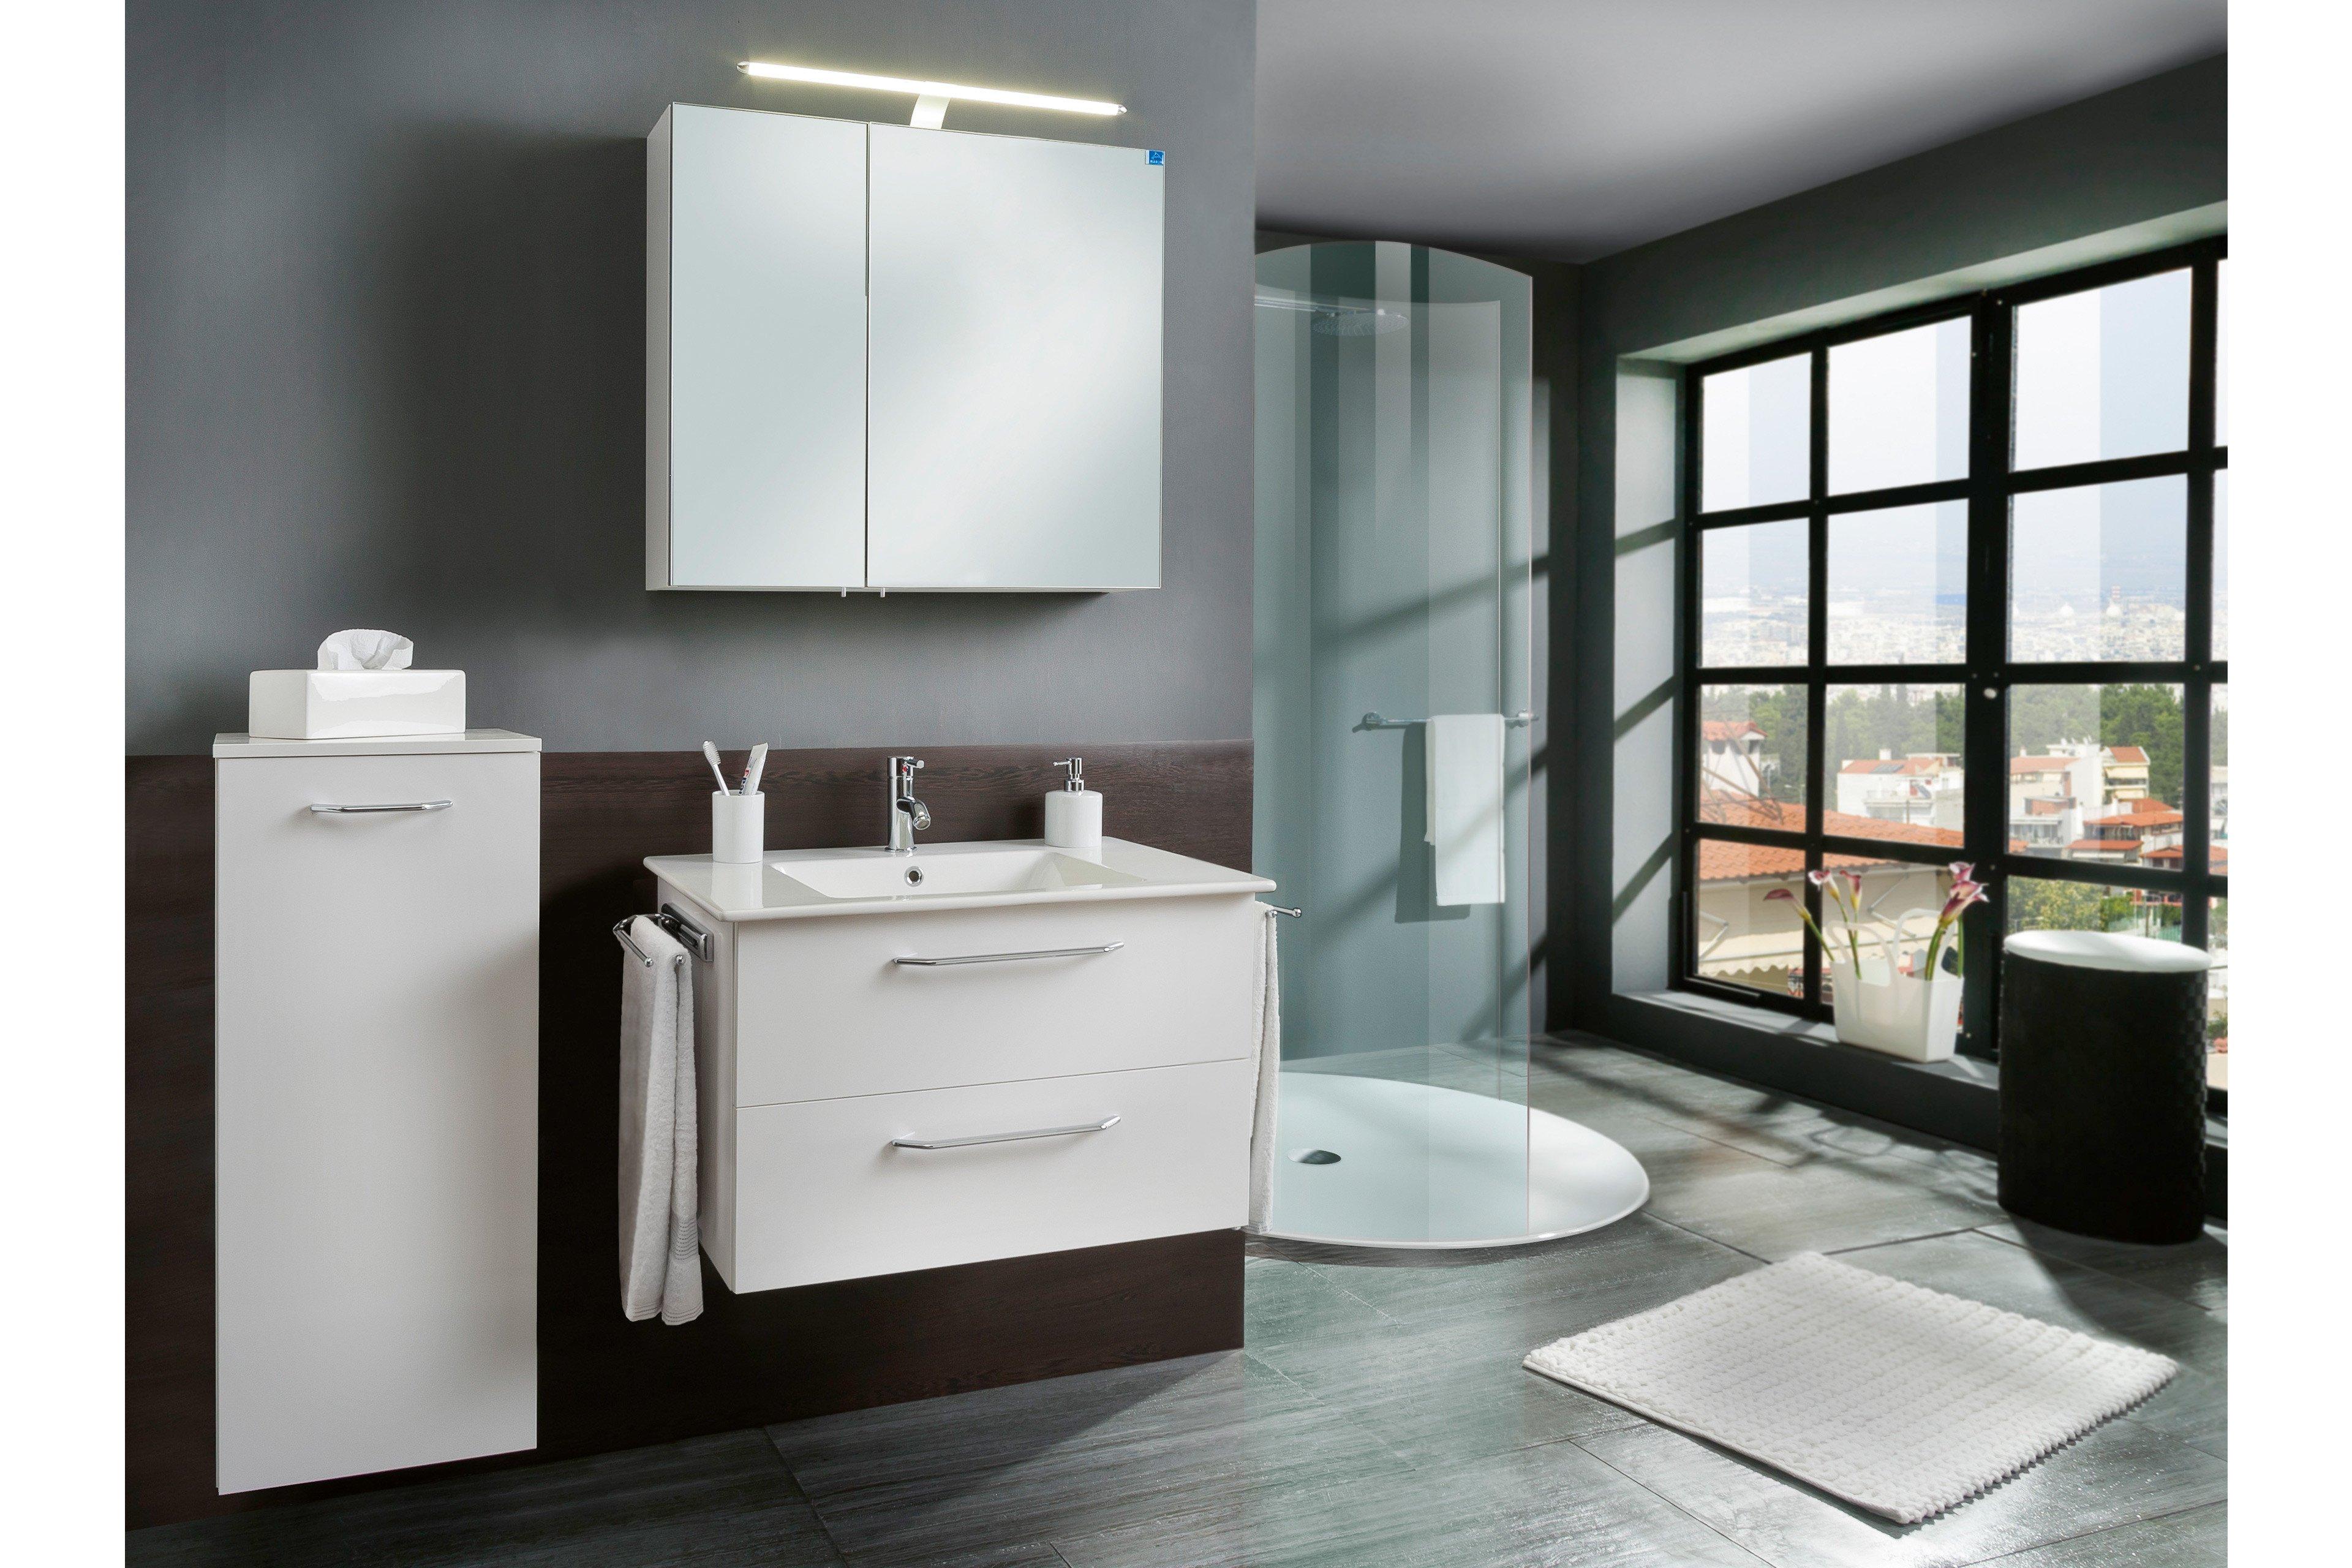 3030 von Marlin - Badezimmer weiß Seidenglanz